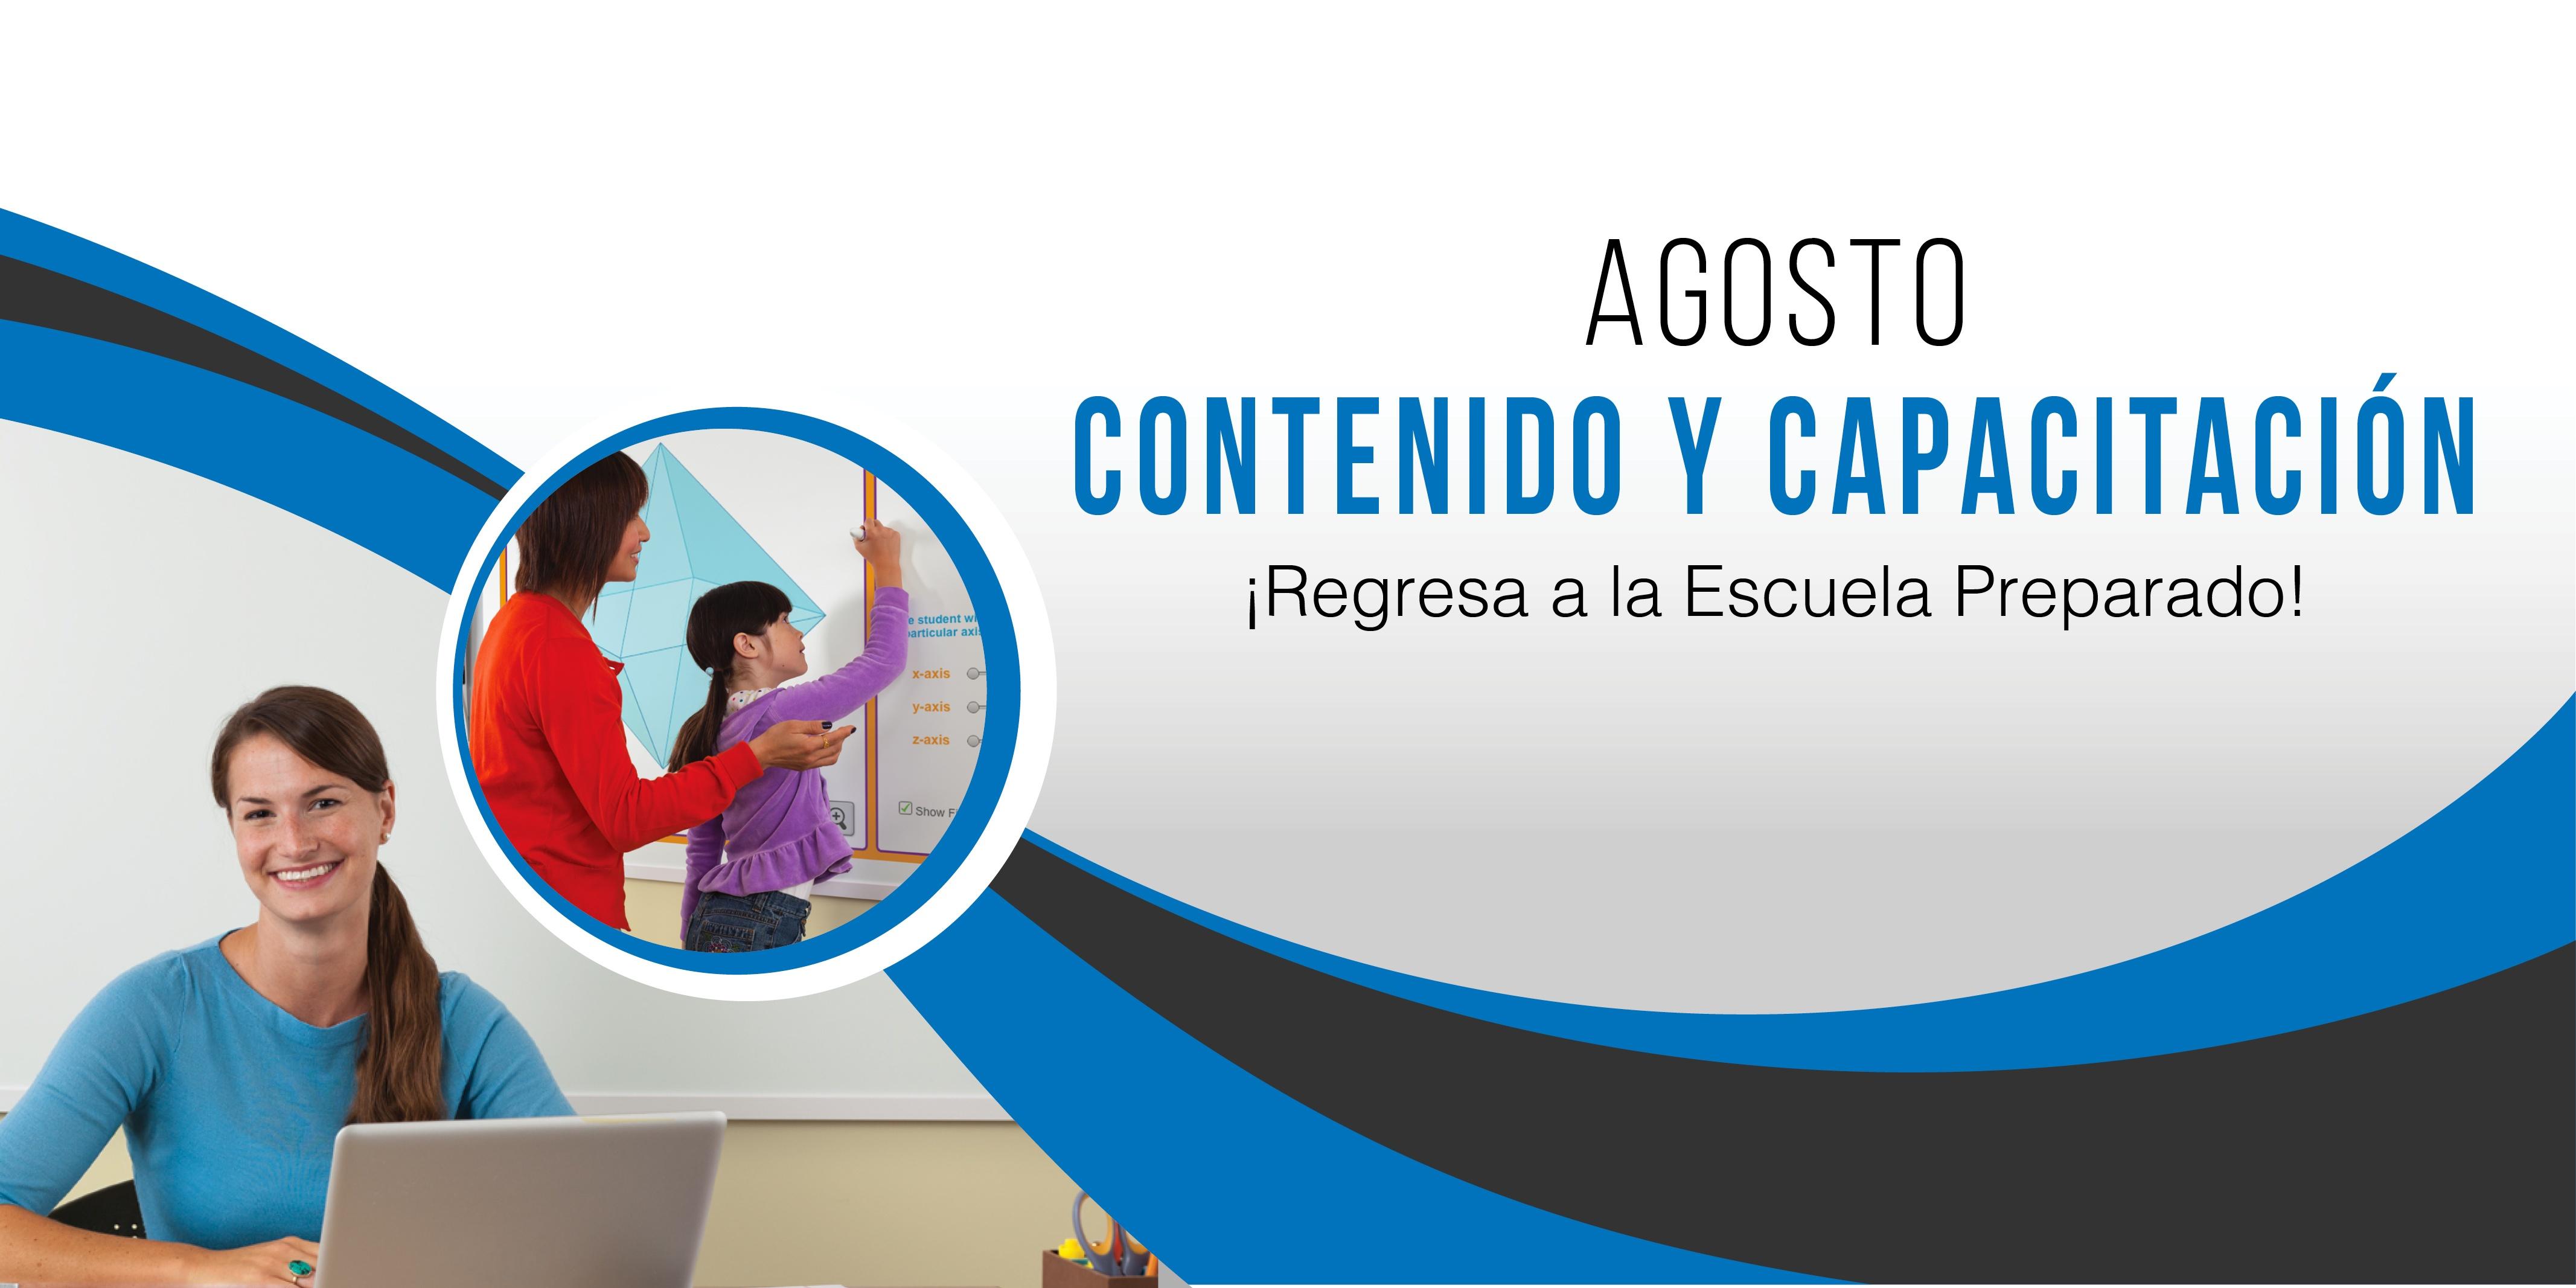 AGOSTO: Contenido, Tips y Capacitación para Docentes